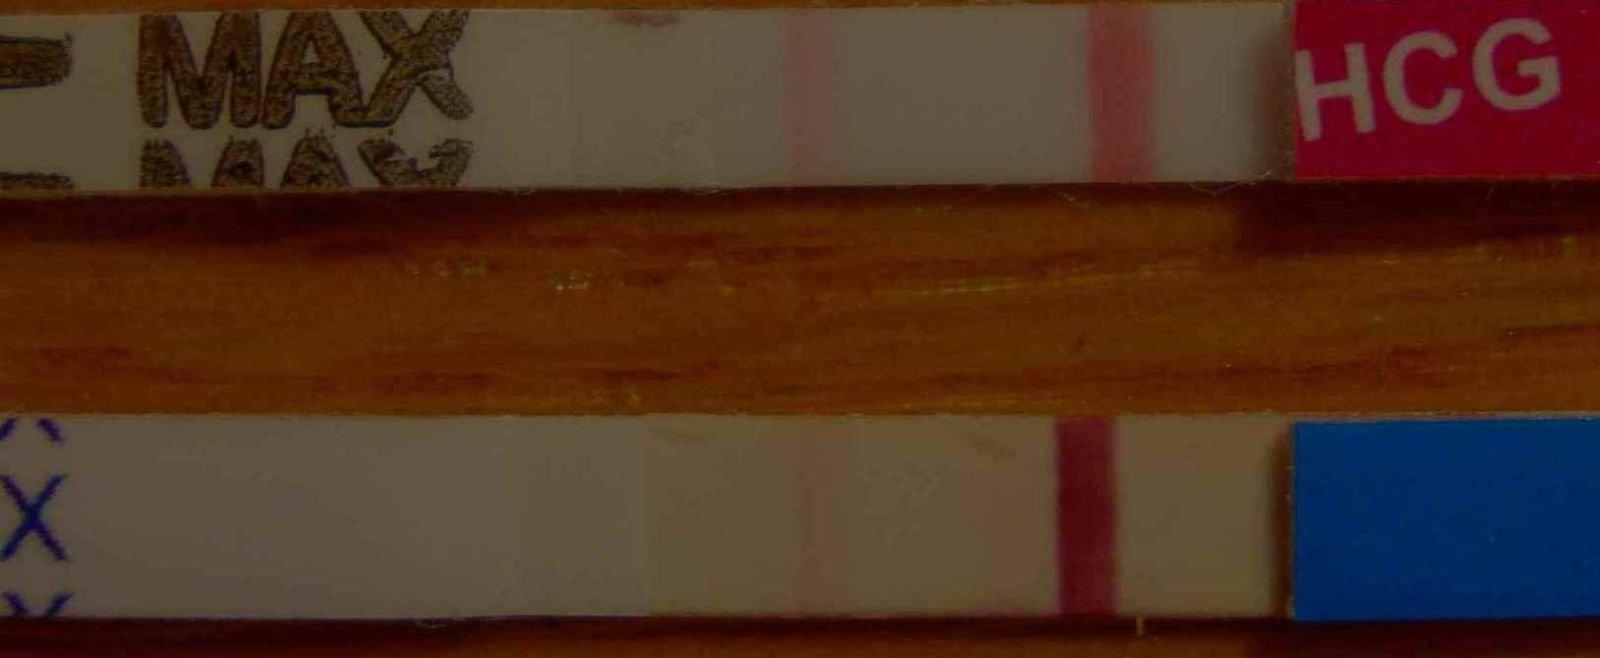 11 ДПО. полосочки слабенькие?но ведь они есть??? это оно????